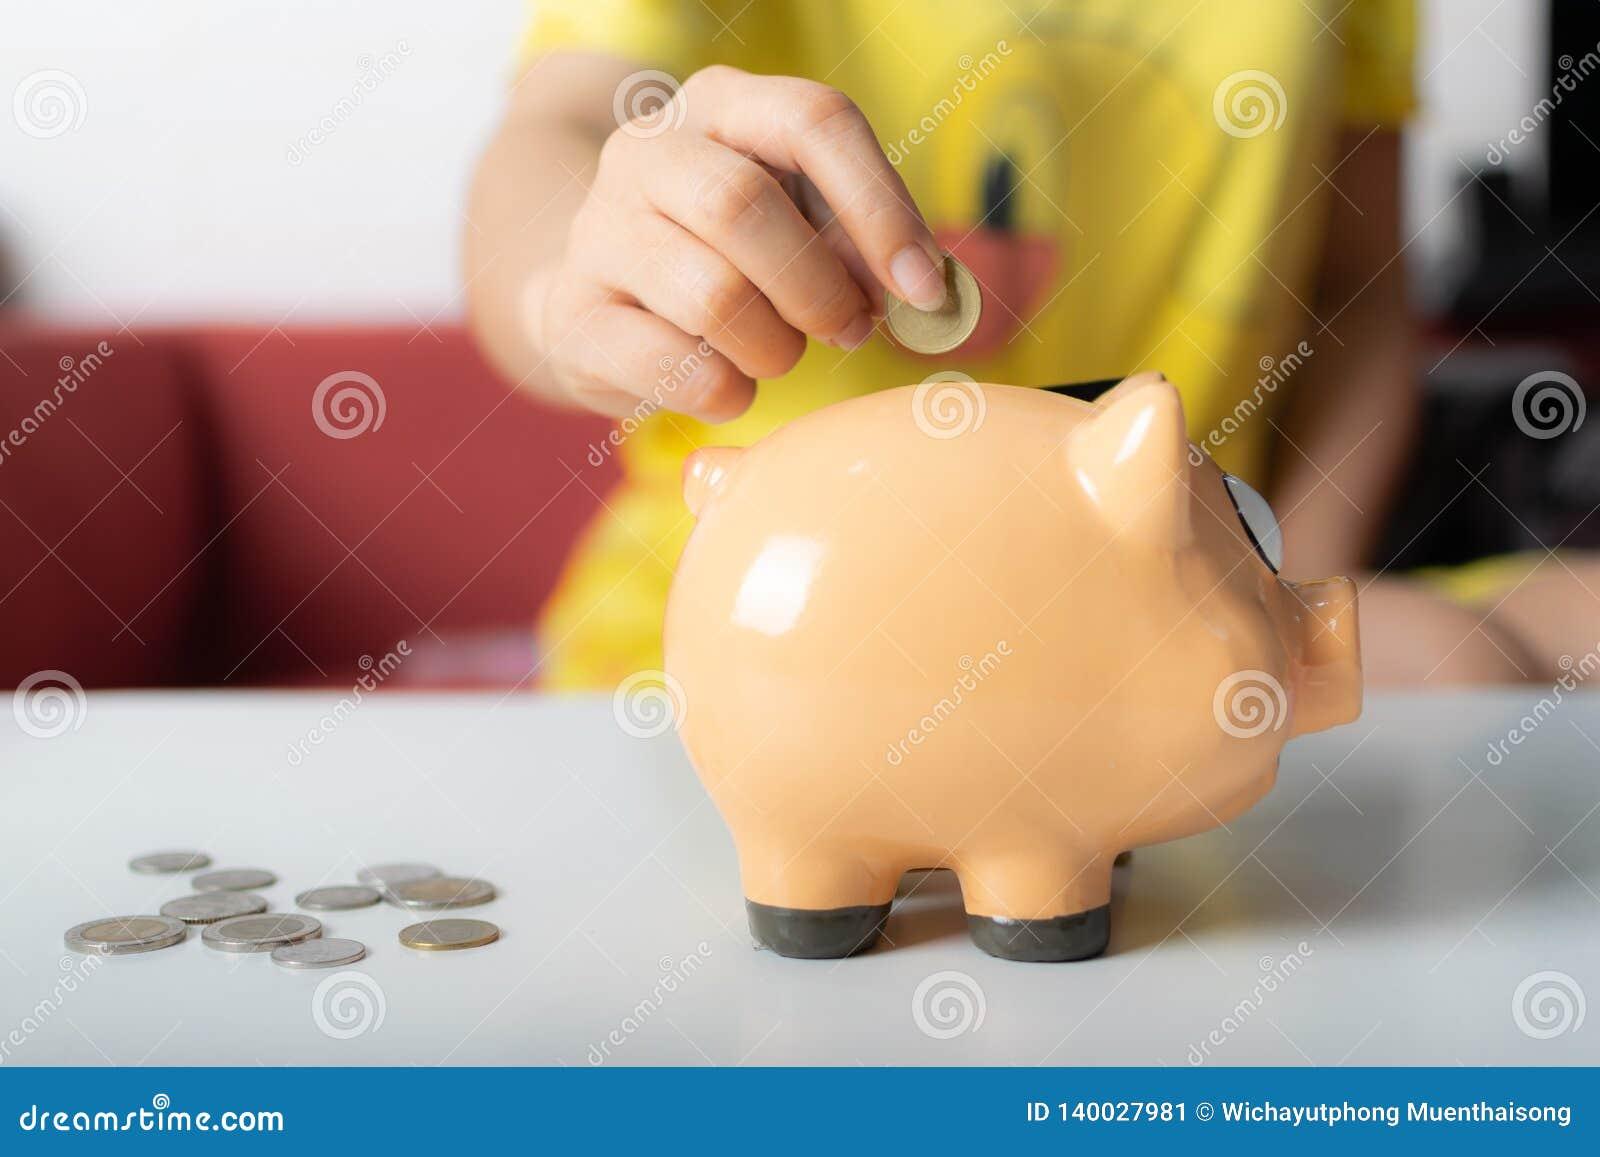 Mão ascendente próxima da mulher que põe moedas no mealheiro